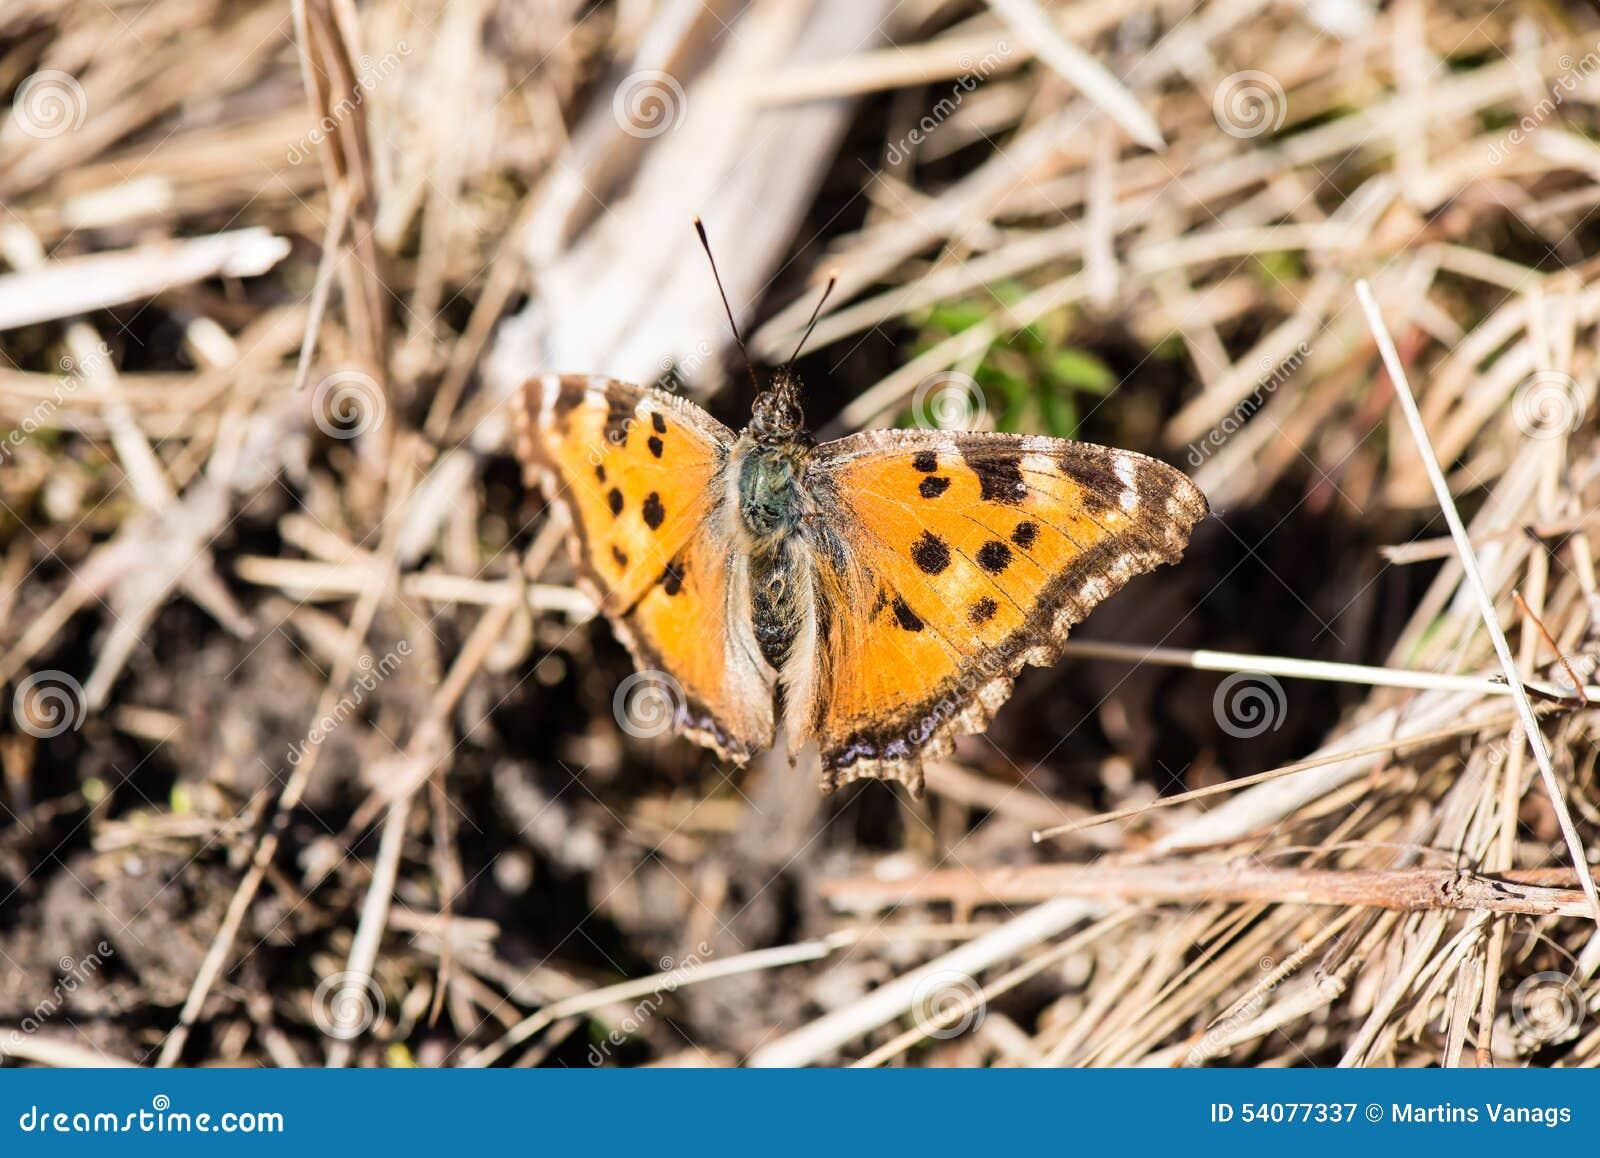 Vlinder ter plaatse